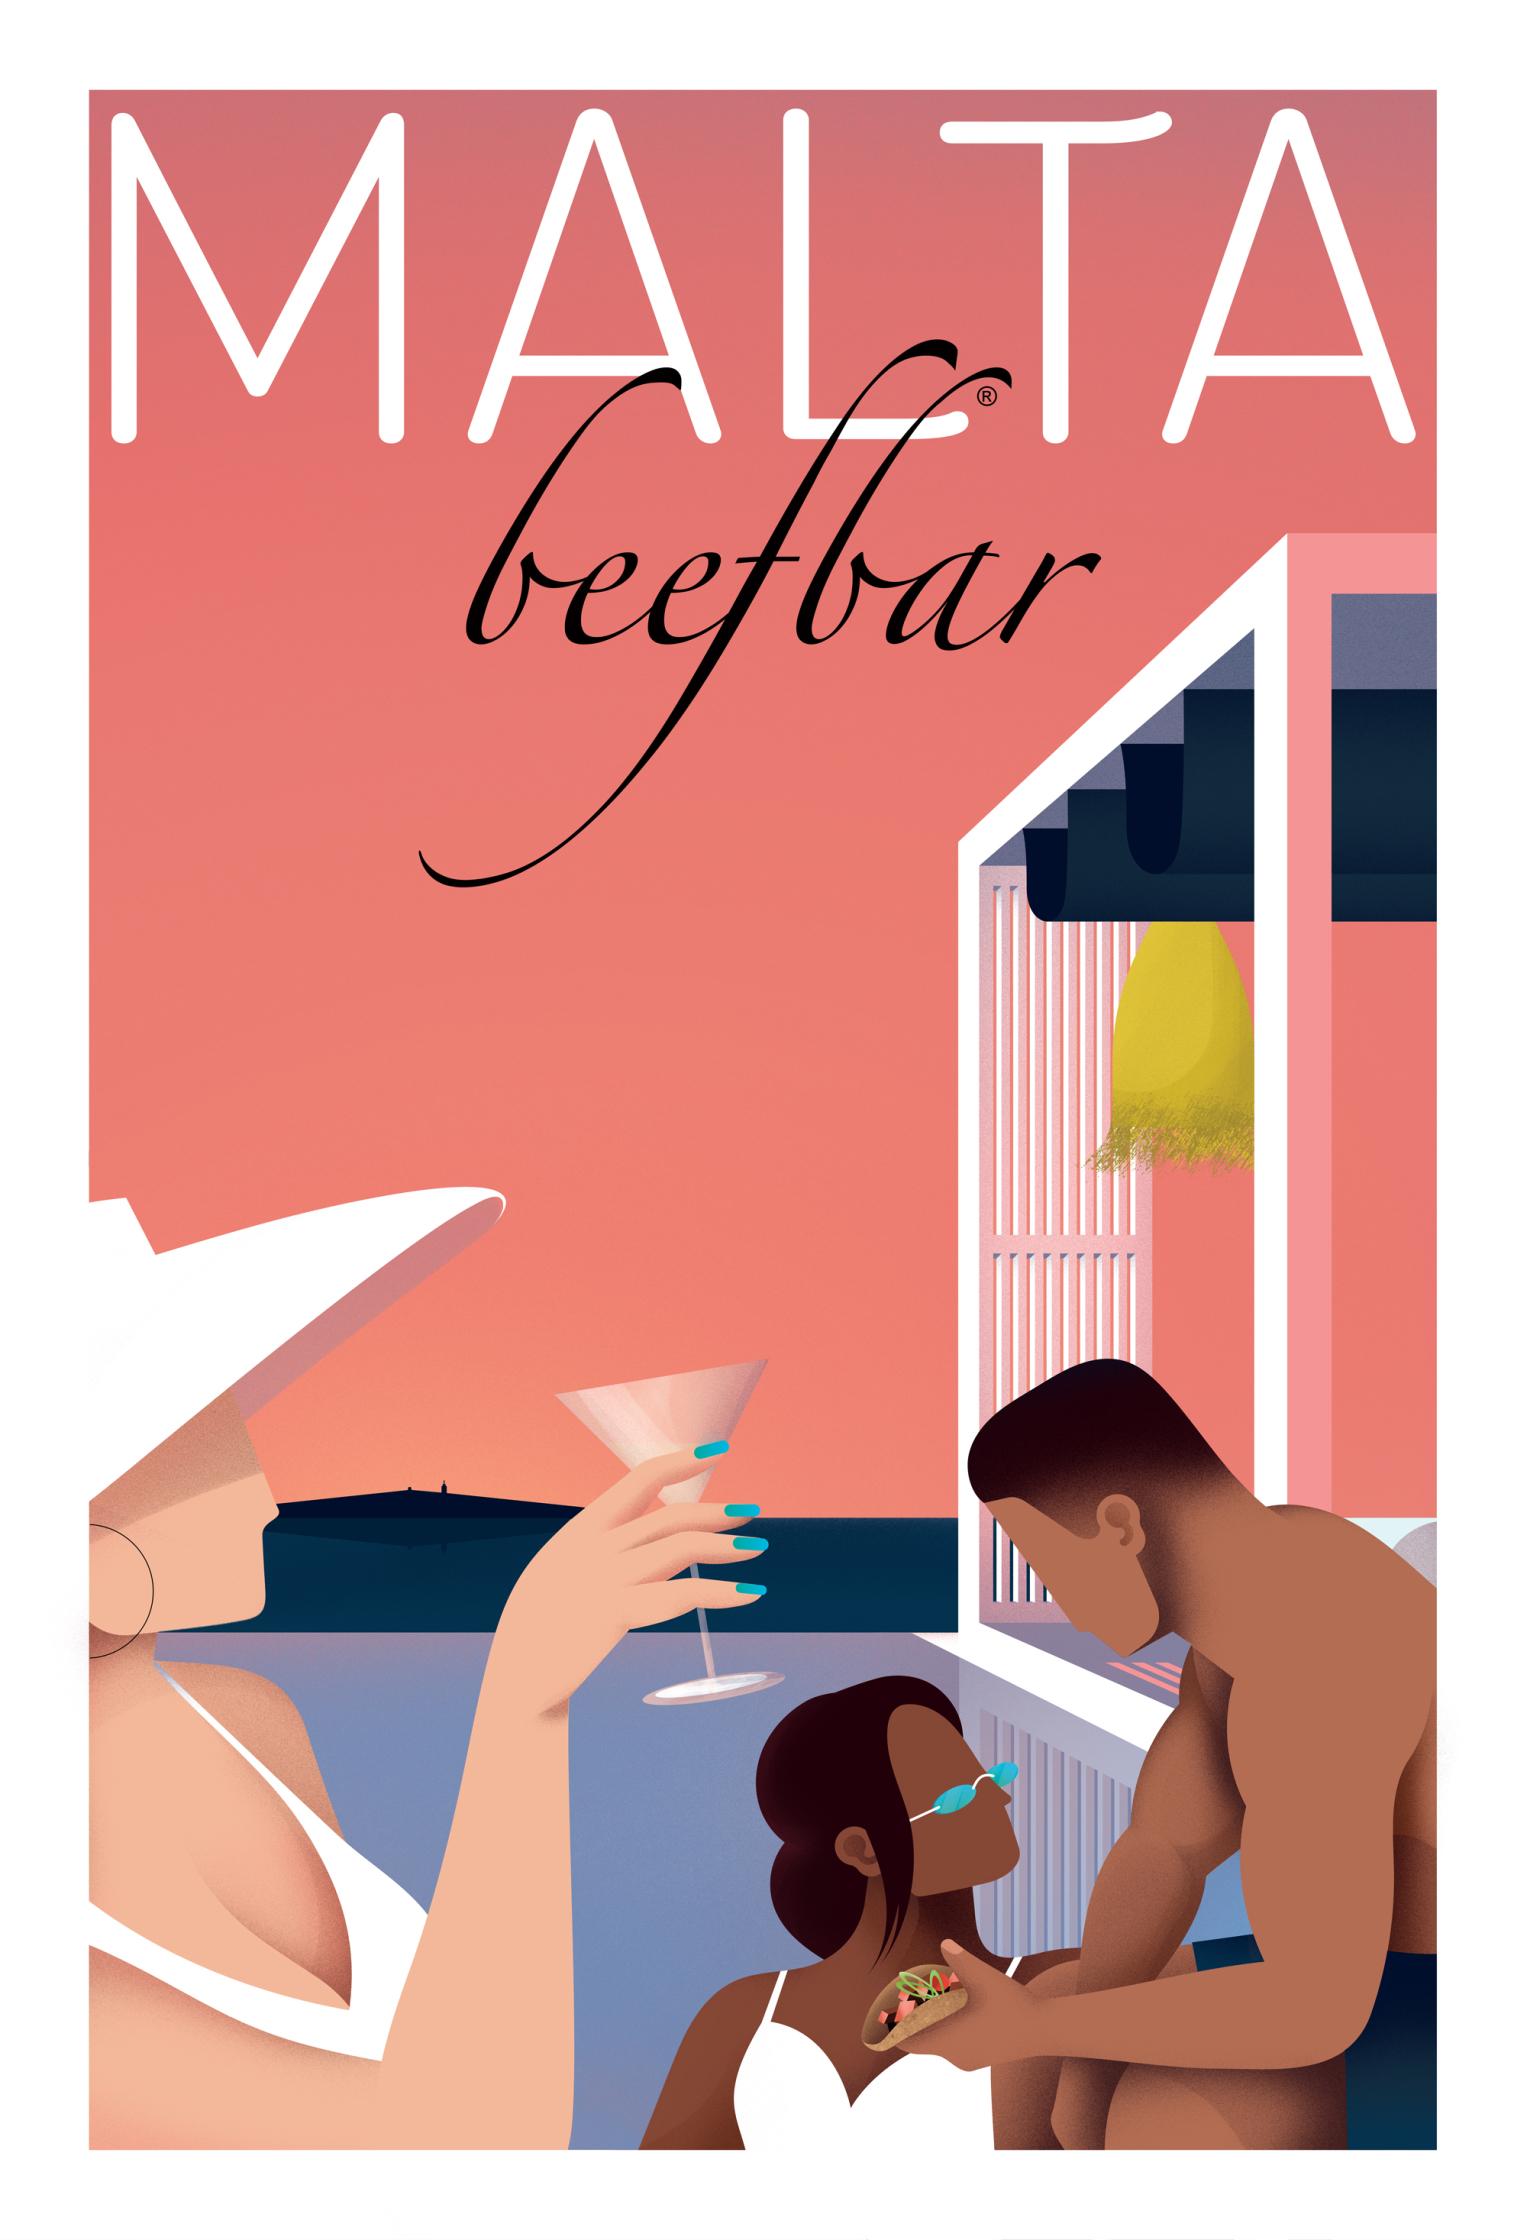 Malta_text_web.jpg